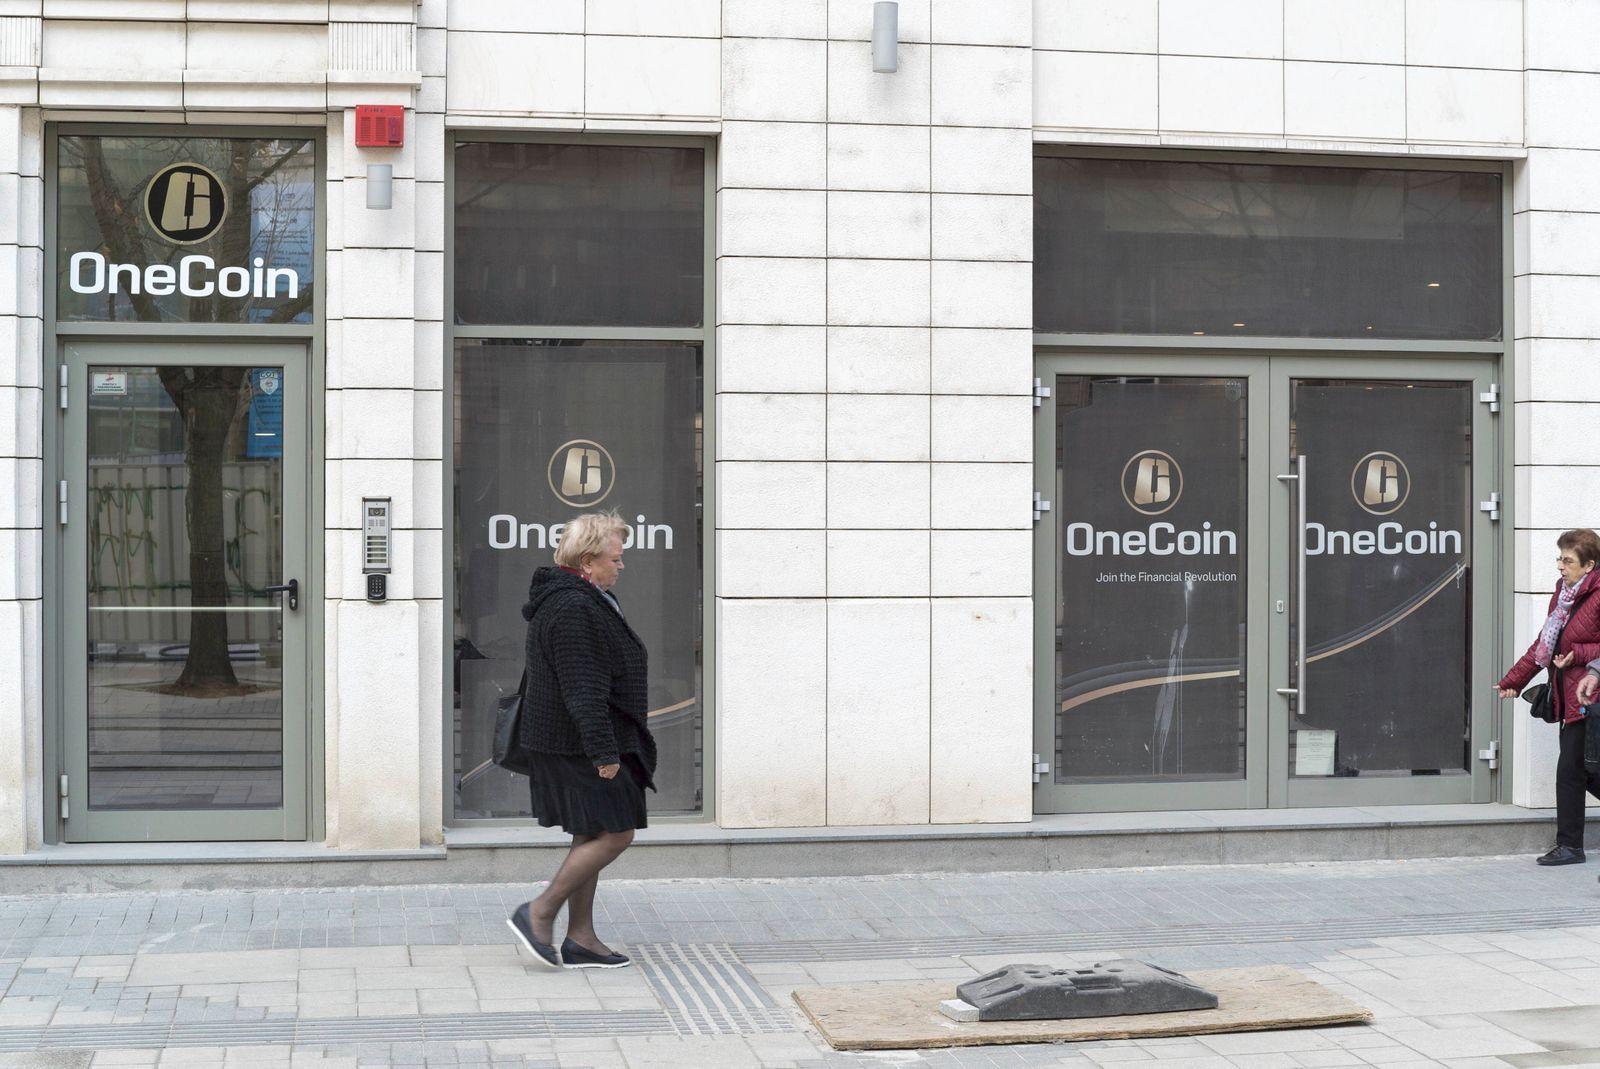 Onecoin Hauptsitz der unter Betrugsverdacht stehenden Kryptow‰hrungs Firma Onecoin in Sofia Headqu